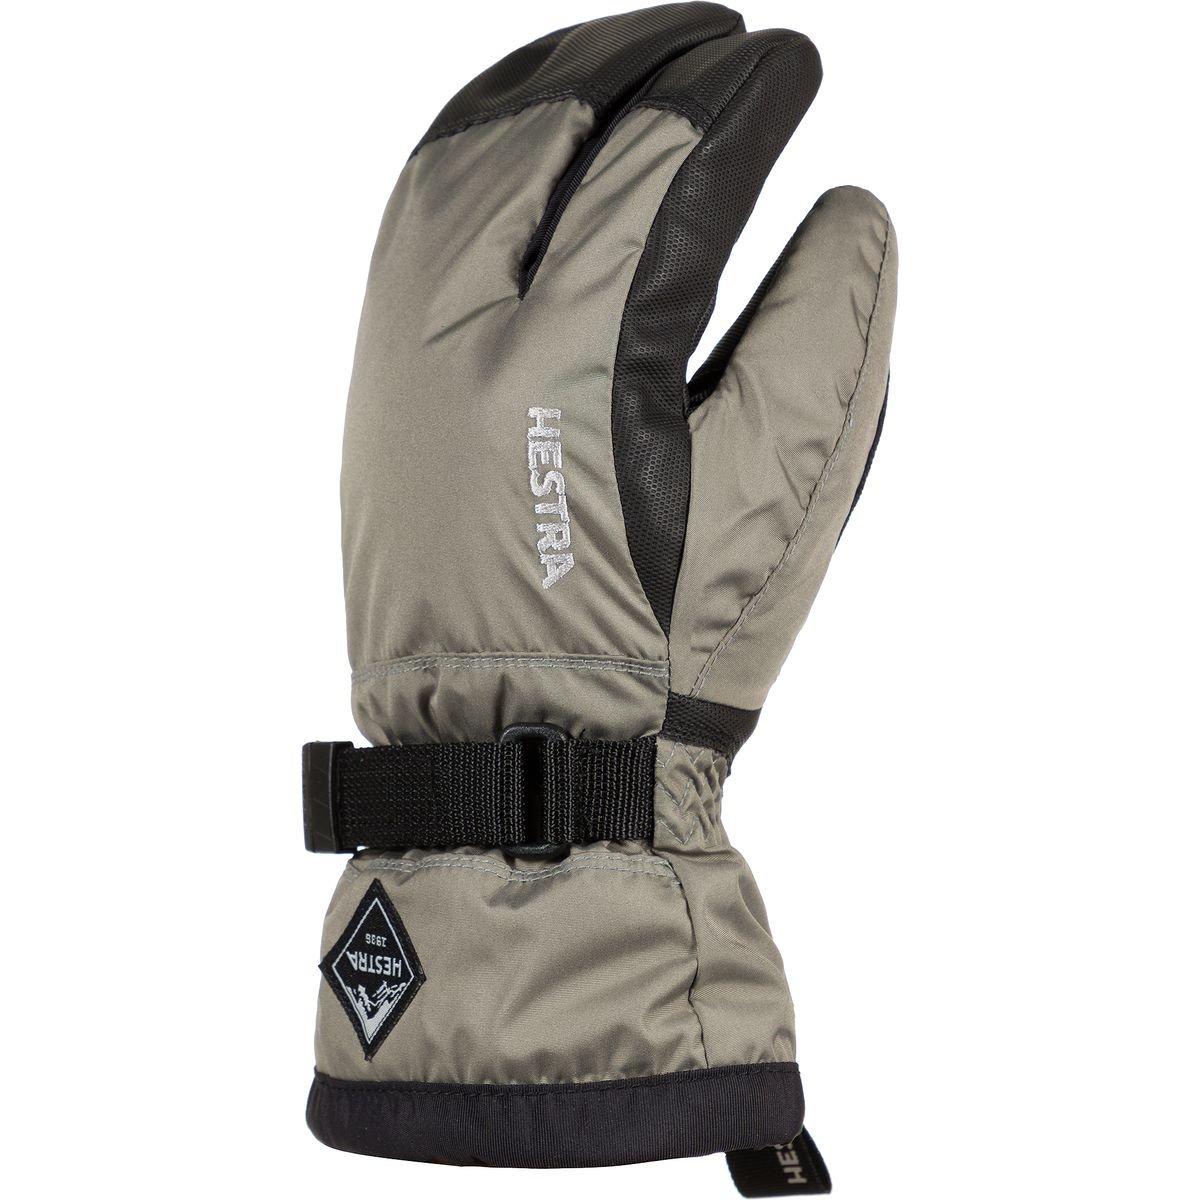 Hestra Gloves 32532 Jr. Gauntlet CZone 3-Finger, Dust/Black - 3